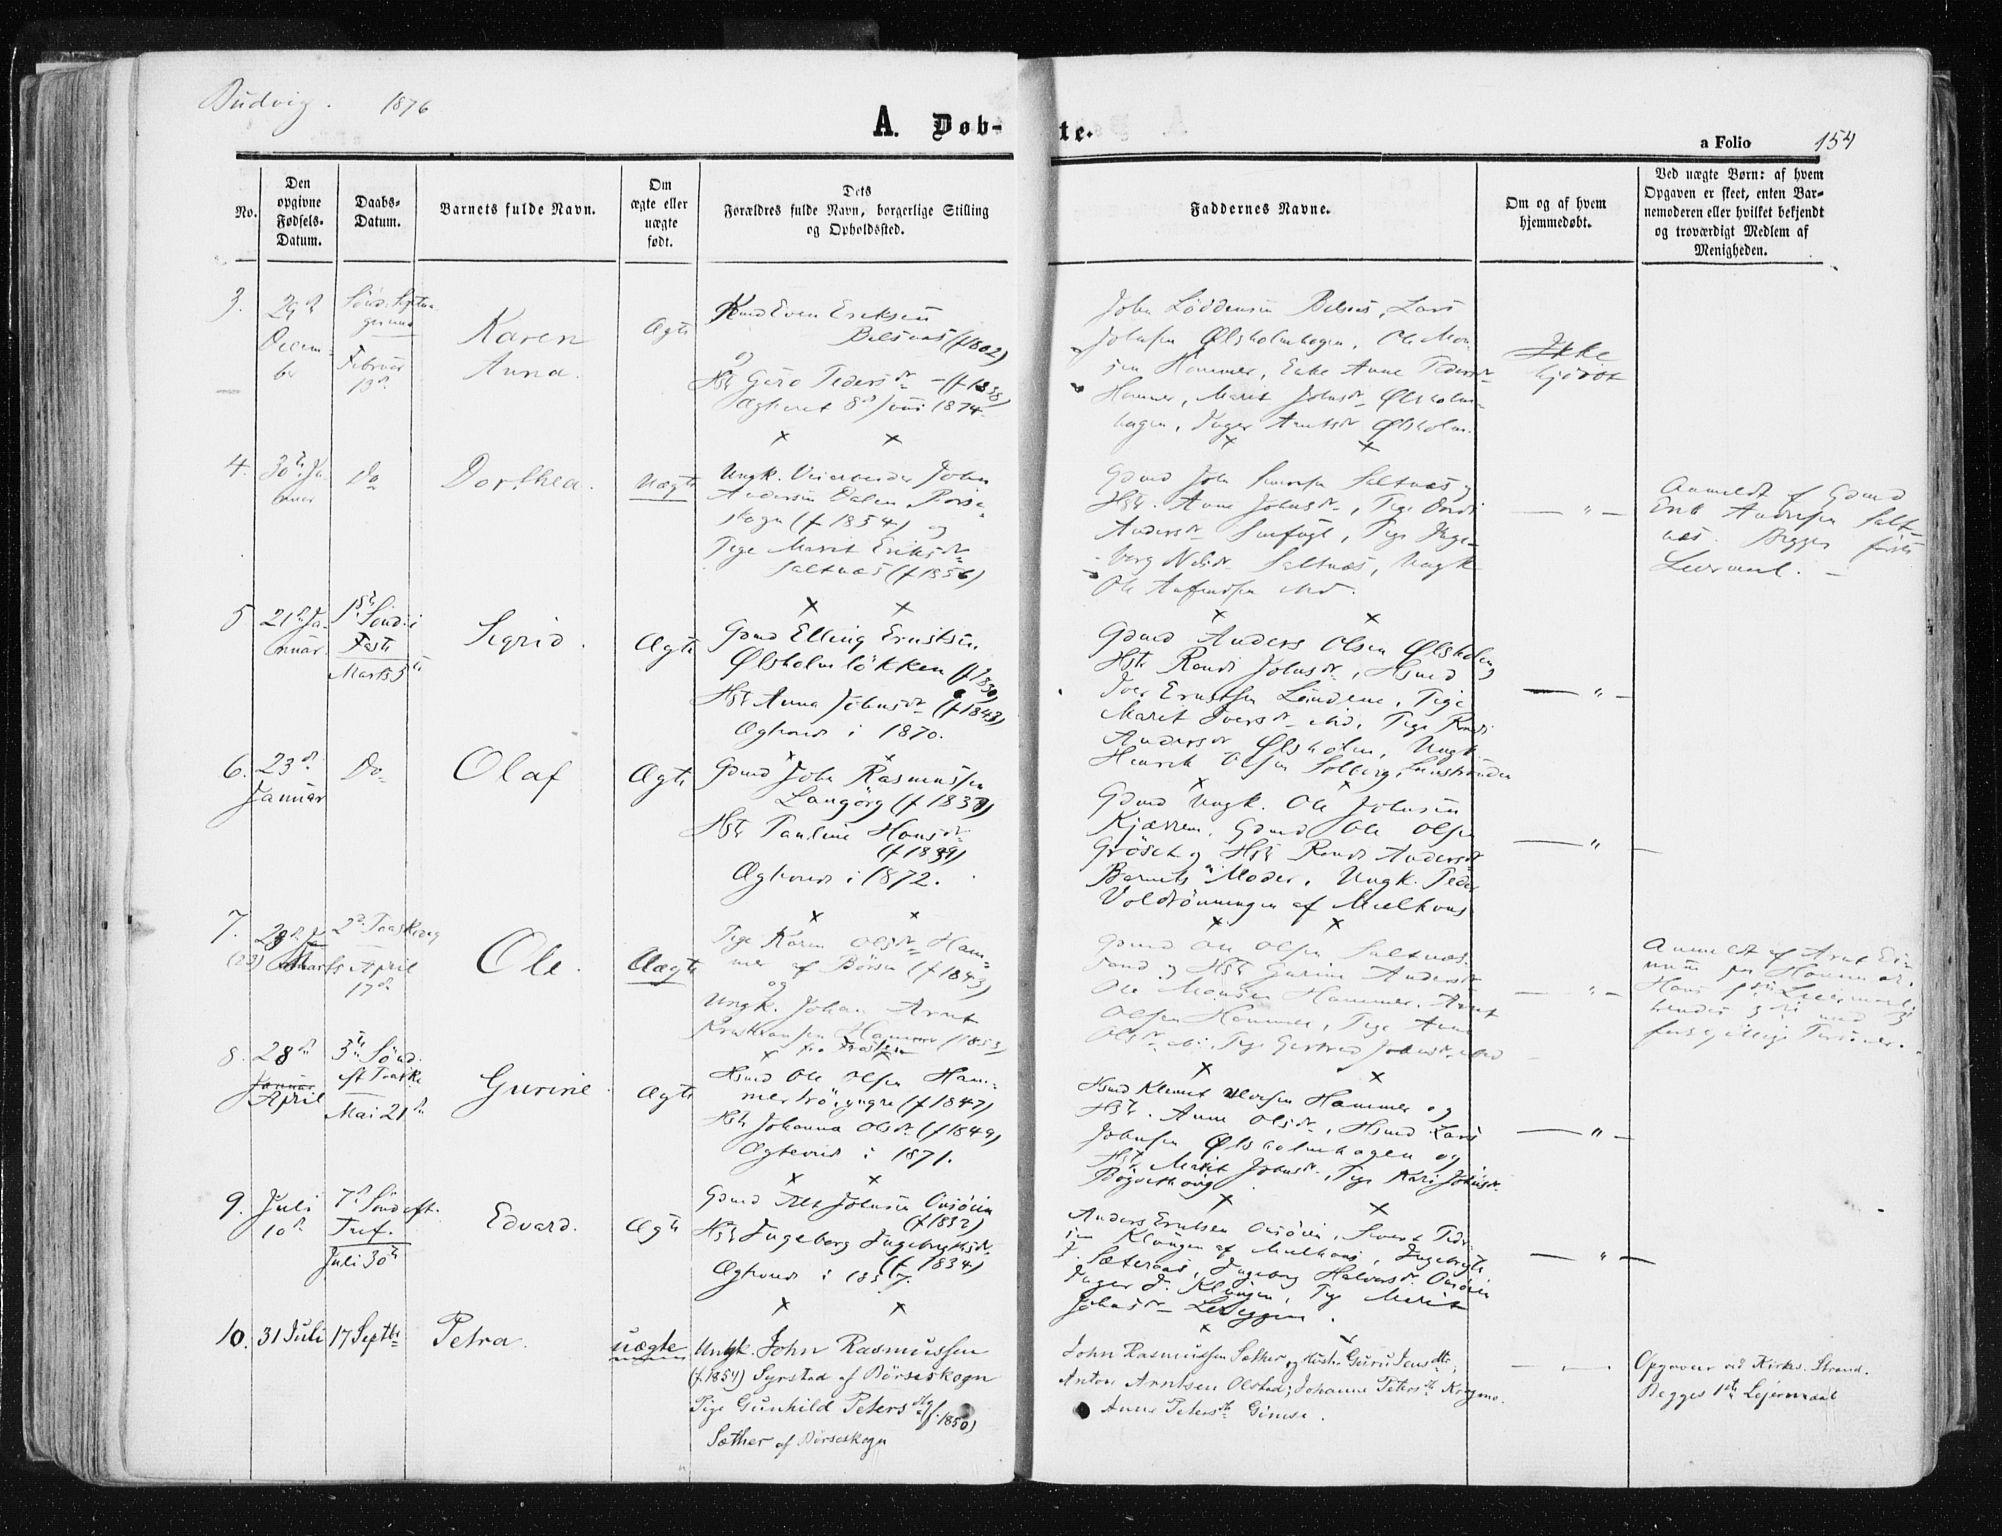 SAT, Ministerialprotokoller, klokkerbøker og fødselsregistre - Sør-Trøndelag, 612/L0377: Ministerialbok nr. 612A09, 1859-1877, s. 154